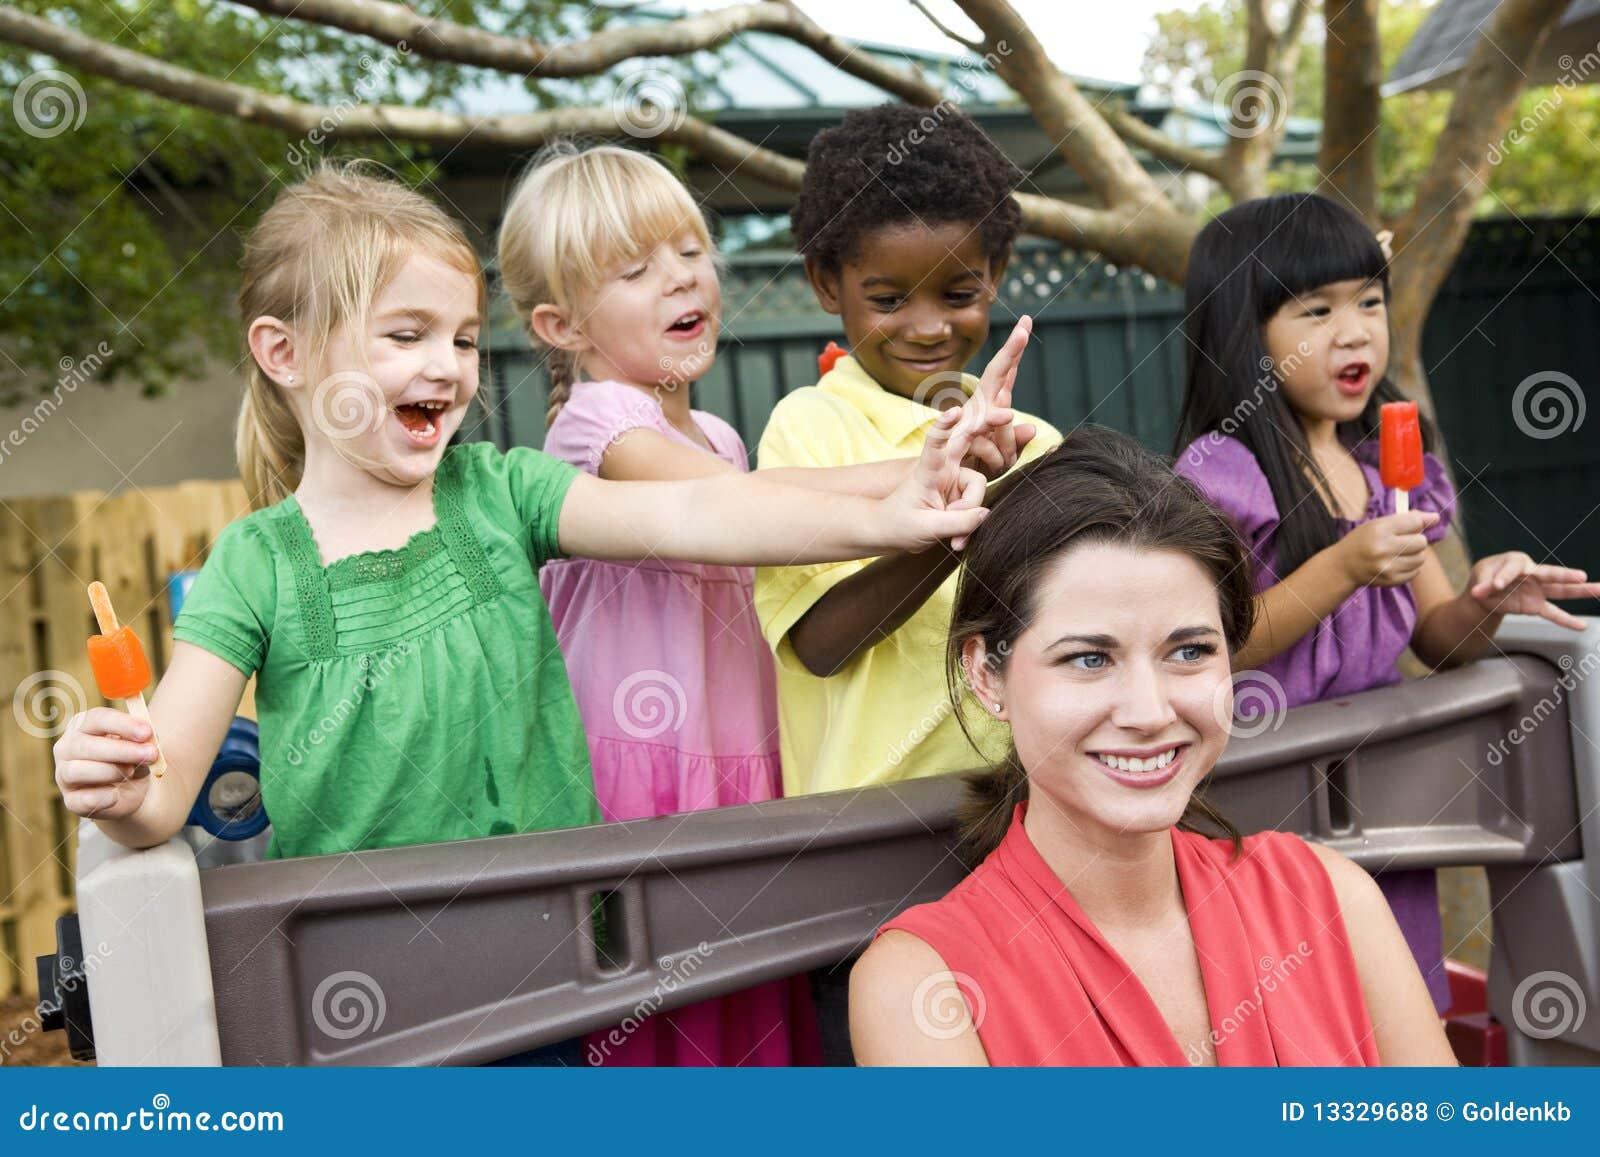 Μικρά παιδιά που παίζουν στη φύλαξη με το δάσκαλο